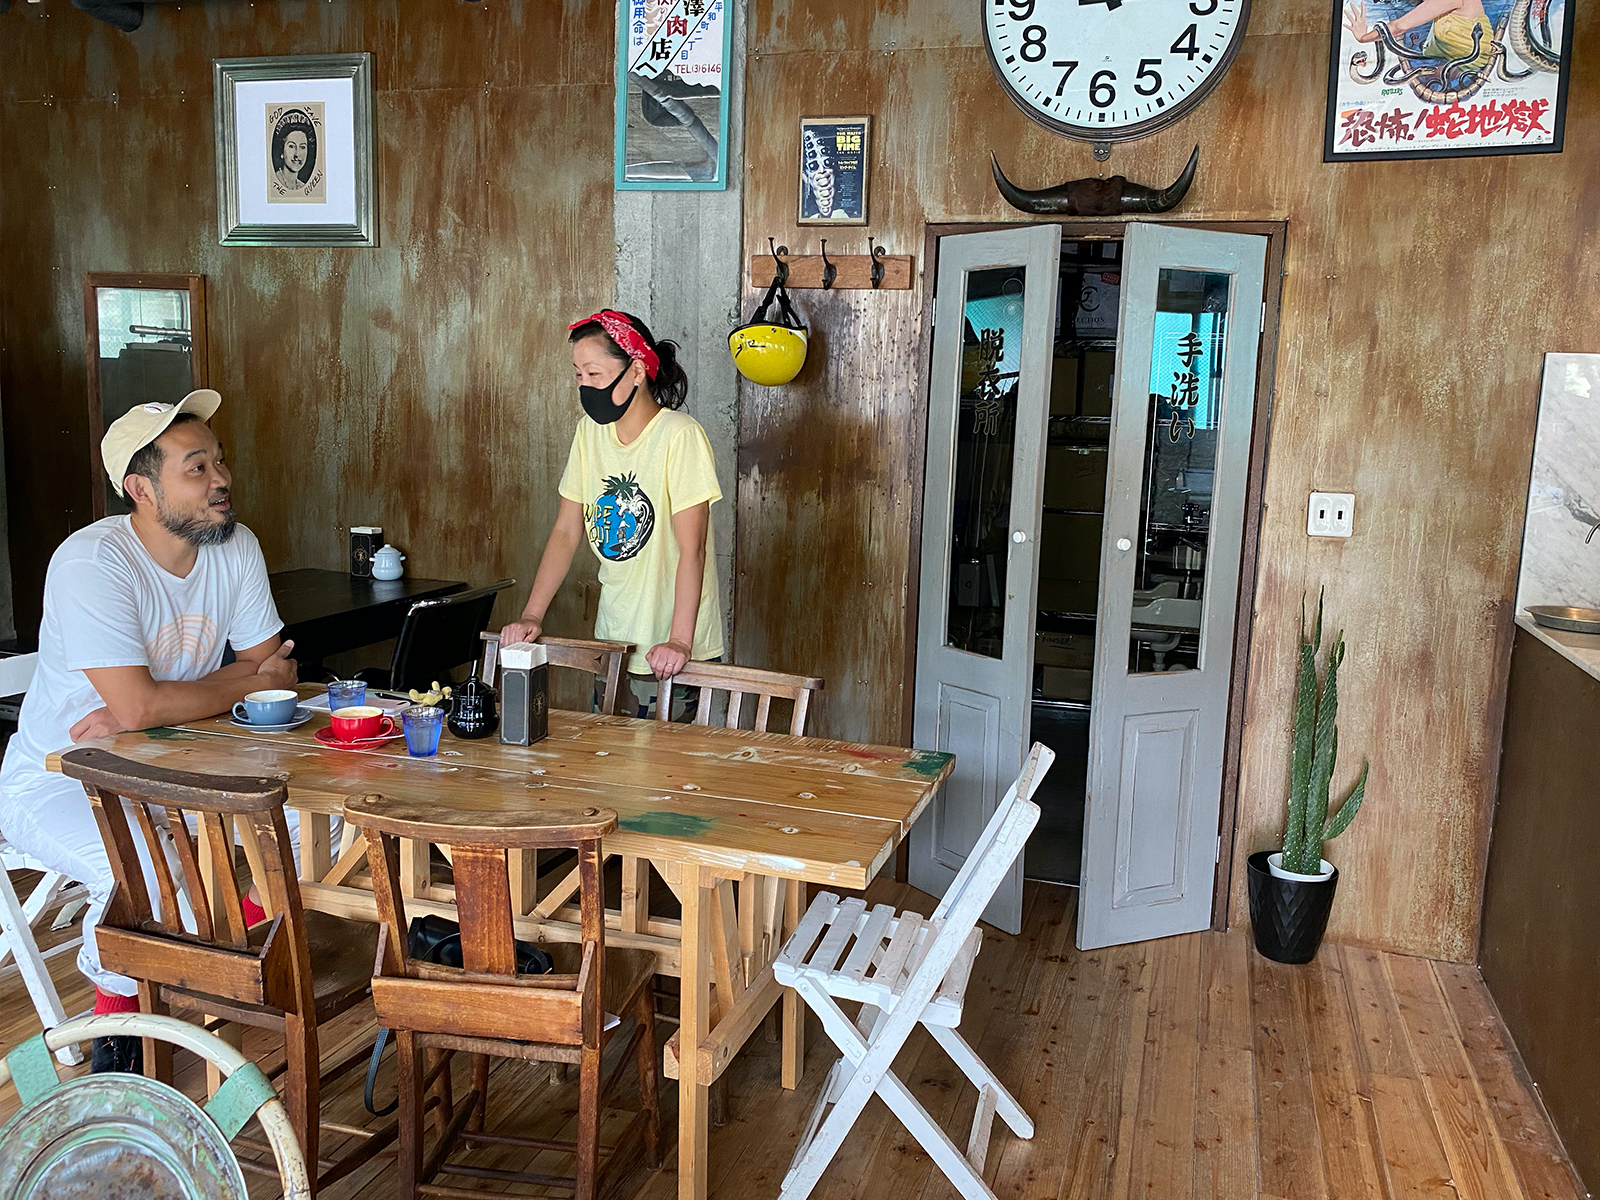 カフェ「dark arts coffee Japan」のマヤさんは、父母会だけでなく今や仕事仲間。